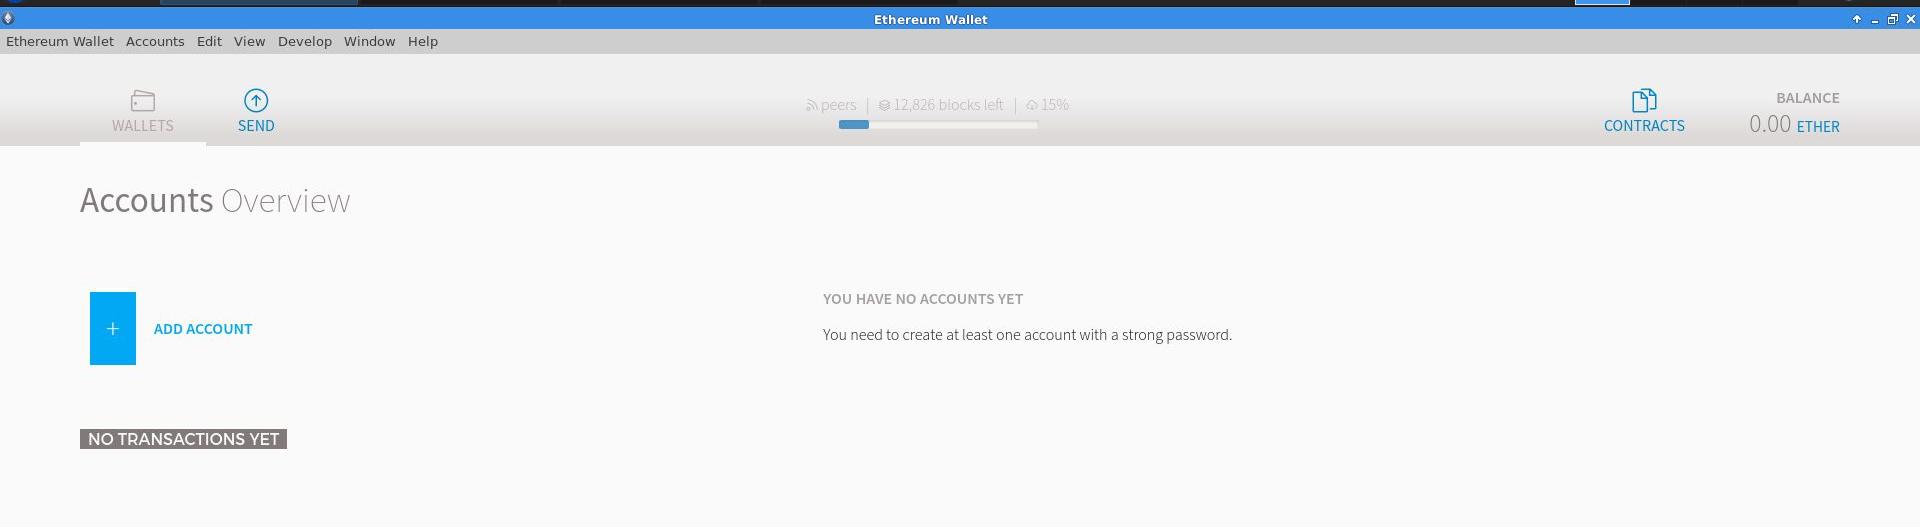 no accounts